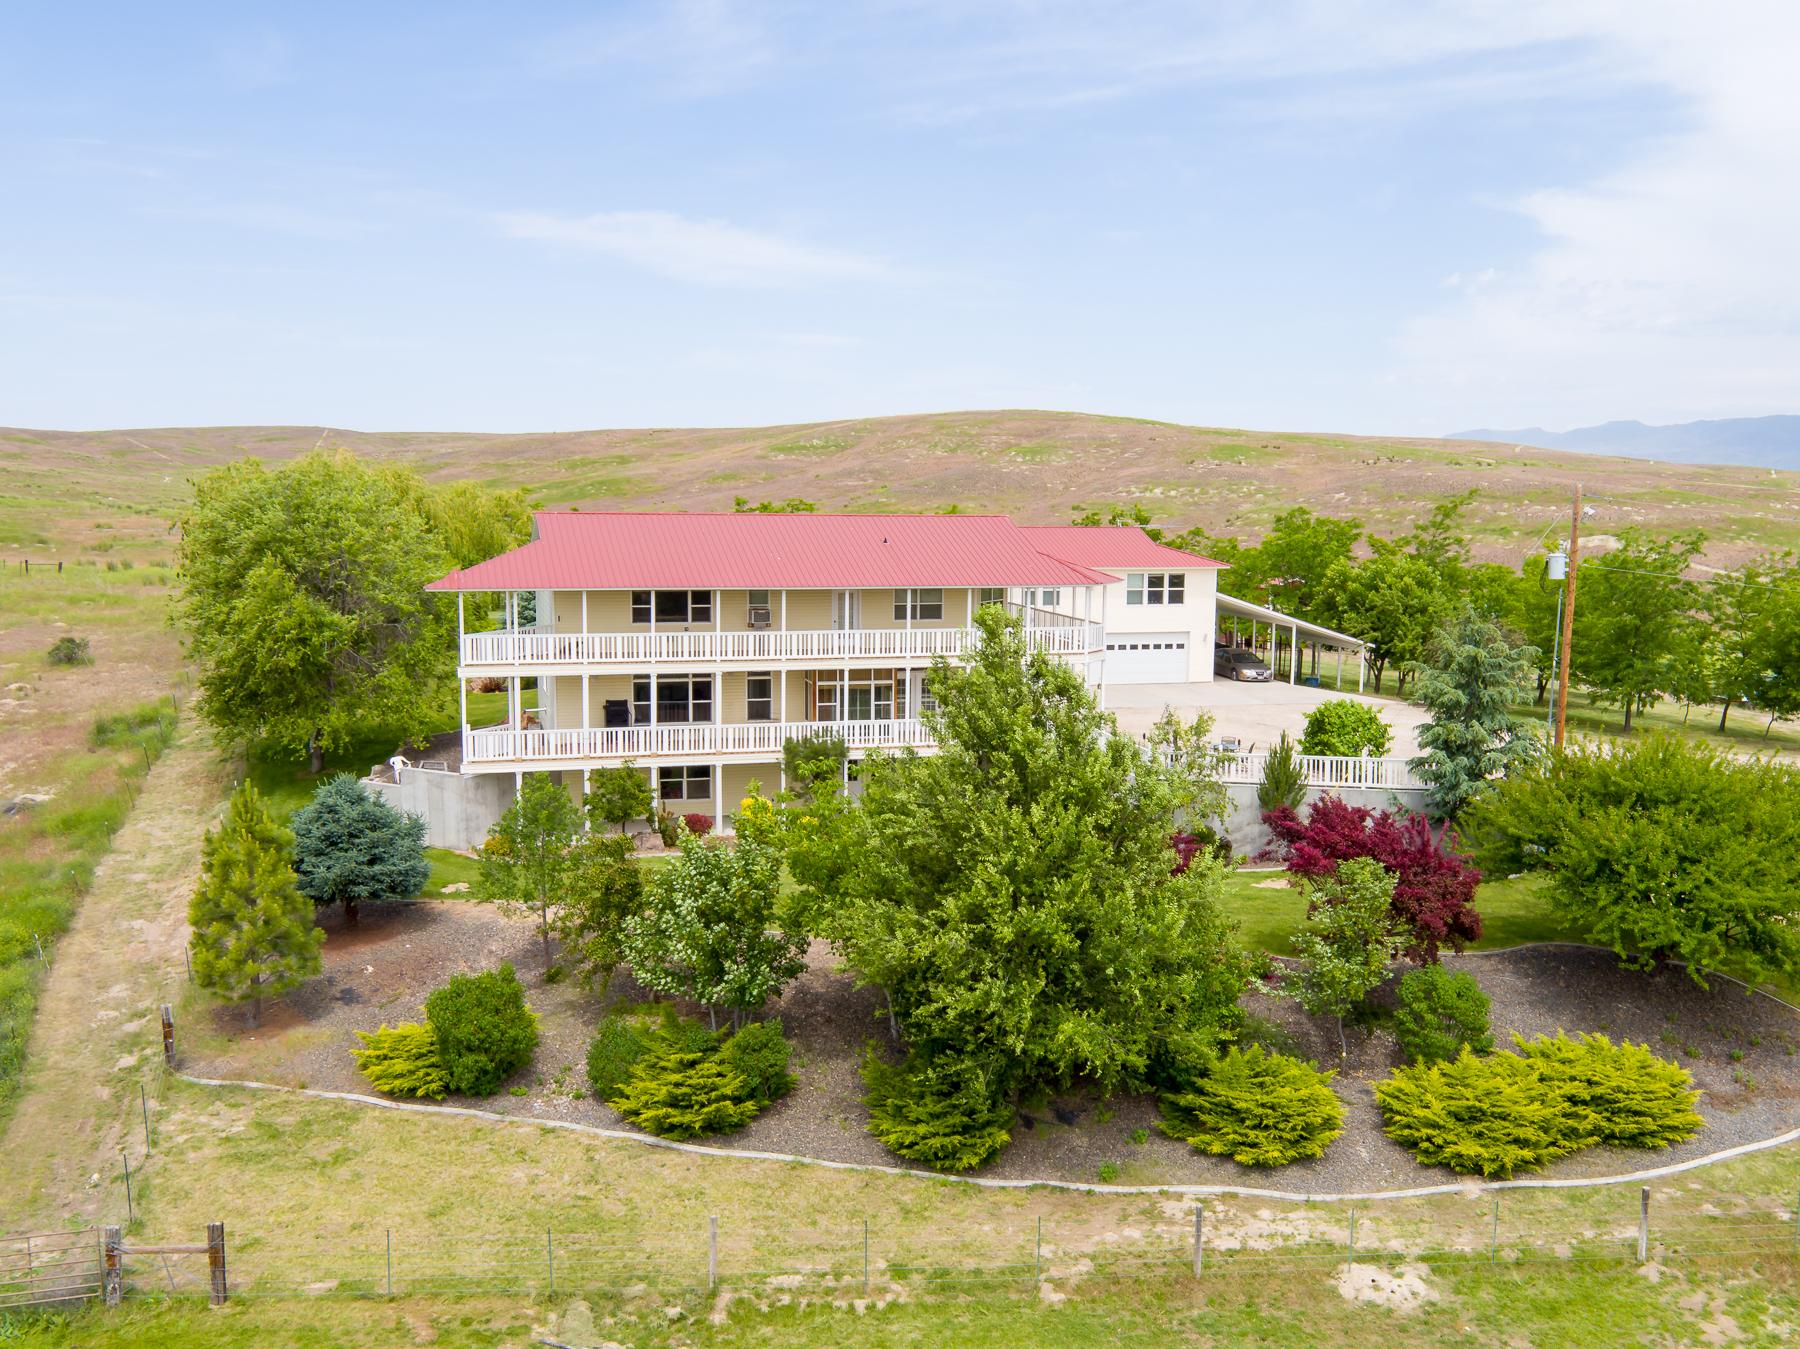 Частный односемейный дом для того Продажа на 6025 Little Freezeout Road, Caldwell 6025 Little Freezeout Rd Caldwell, Айдахо, 83607 Соединенные Штаты